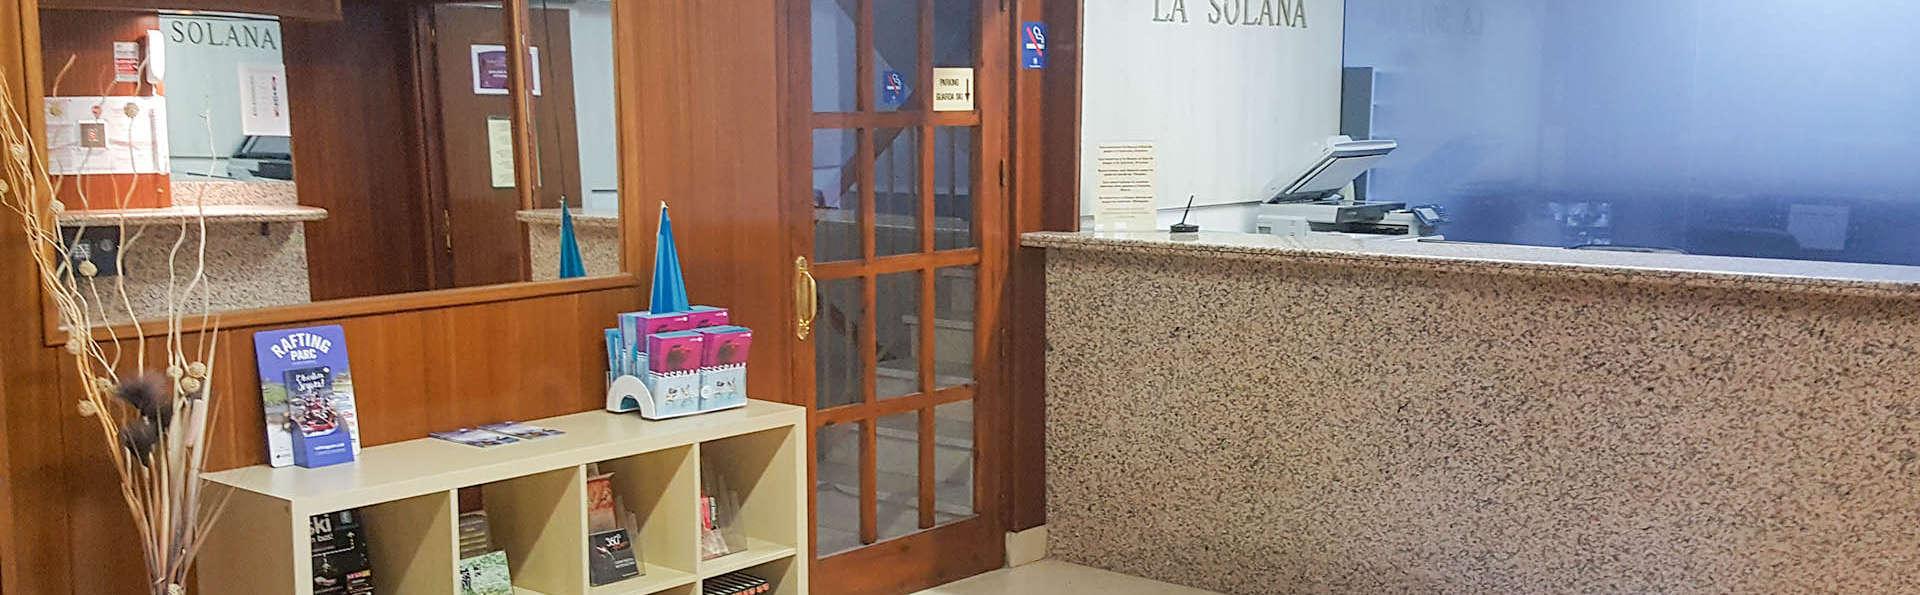 La Solana Apartaments & Spa - EDIT_RECEPTION_01.jpg